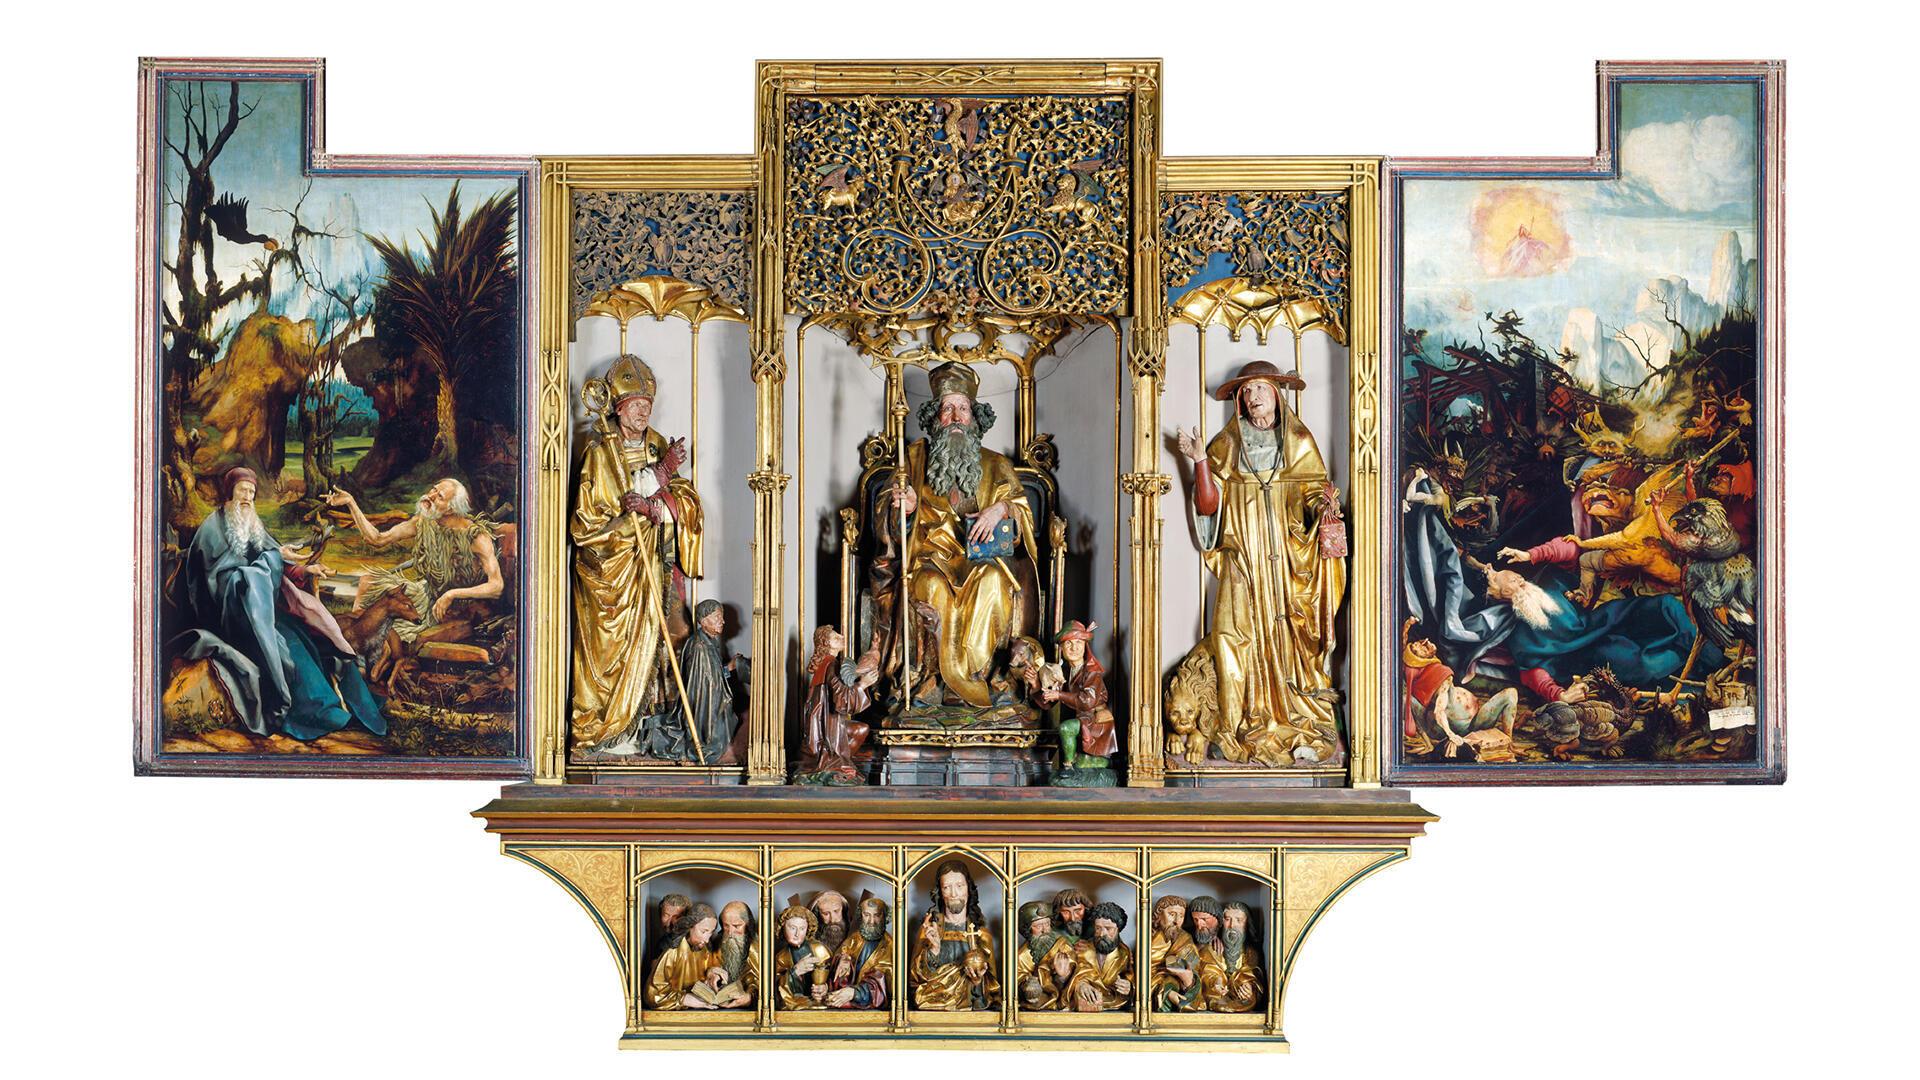 Peintures, sculptures, vernis : la restauration du retable d'Issenheim doit s'achever cette année.